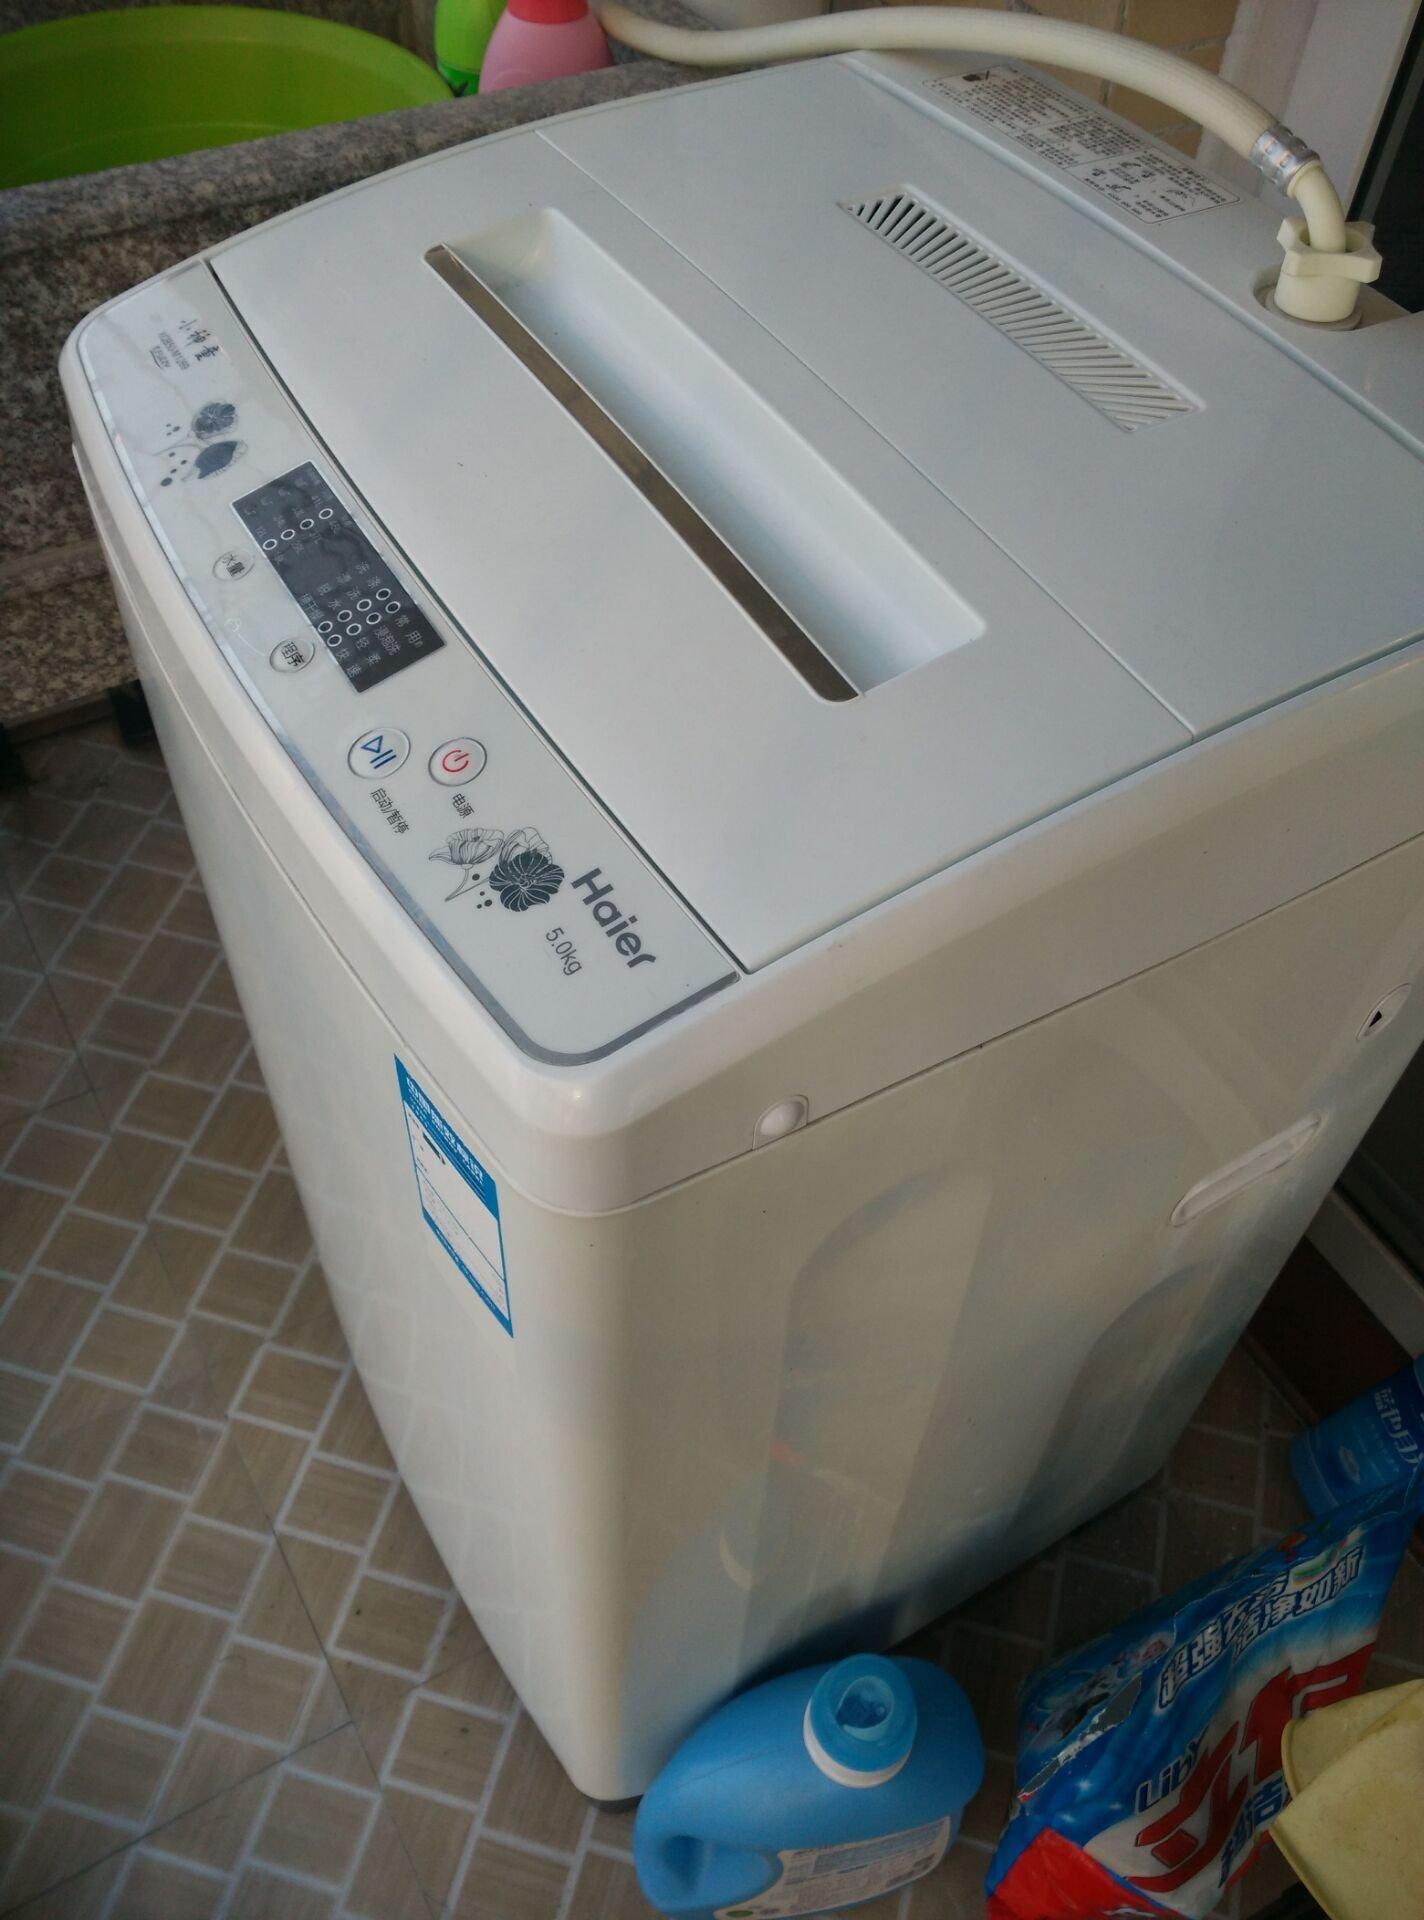 洗衣机清洗有哪些方法 怎么选择洗衣机